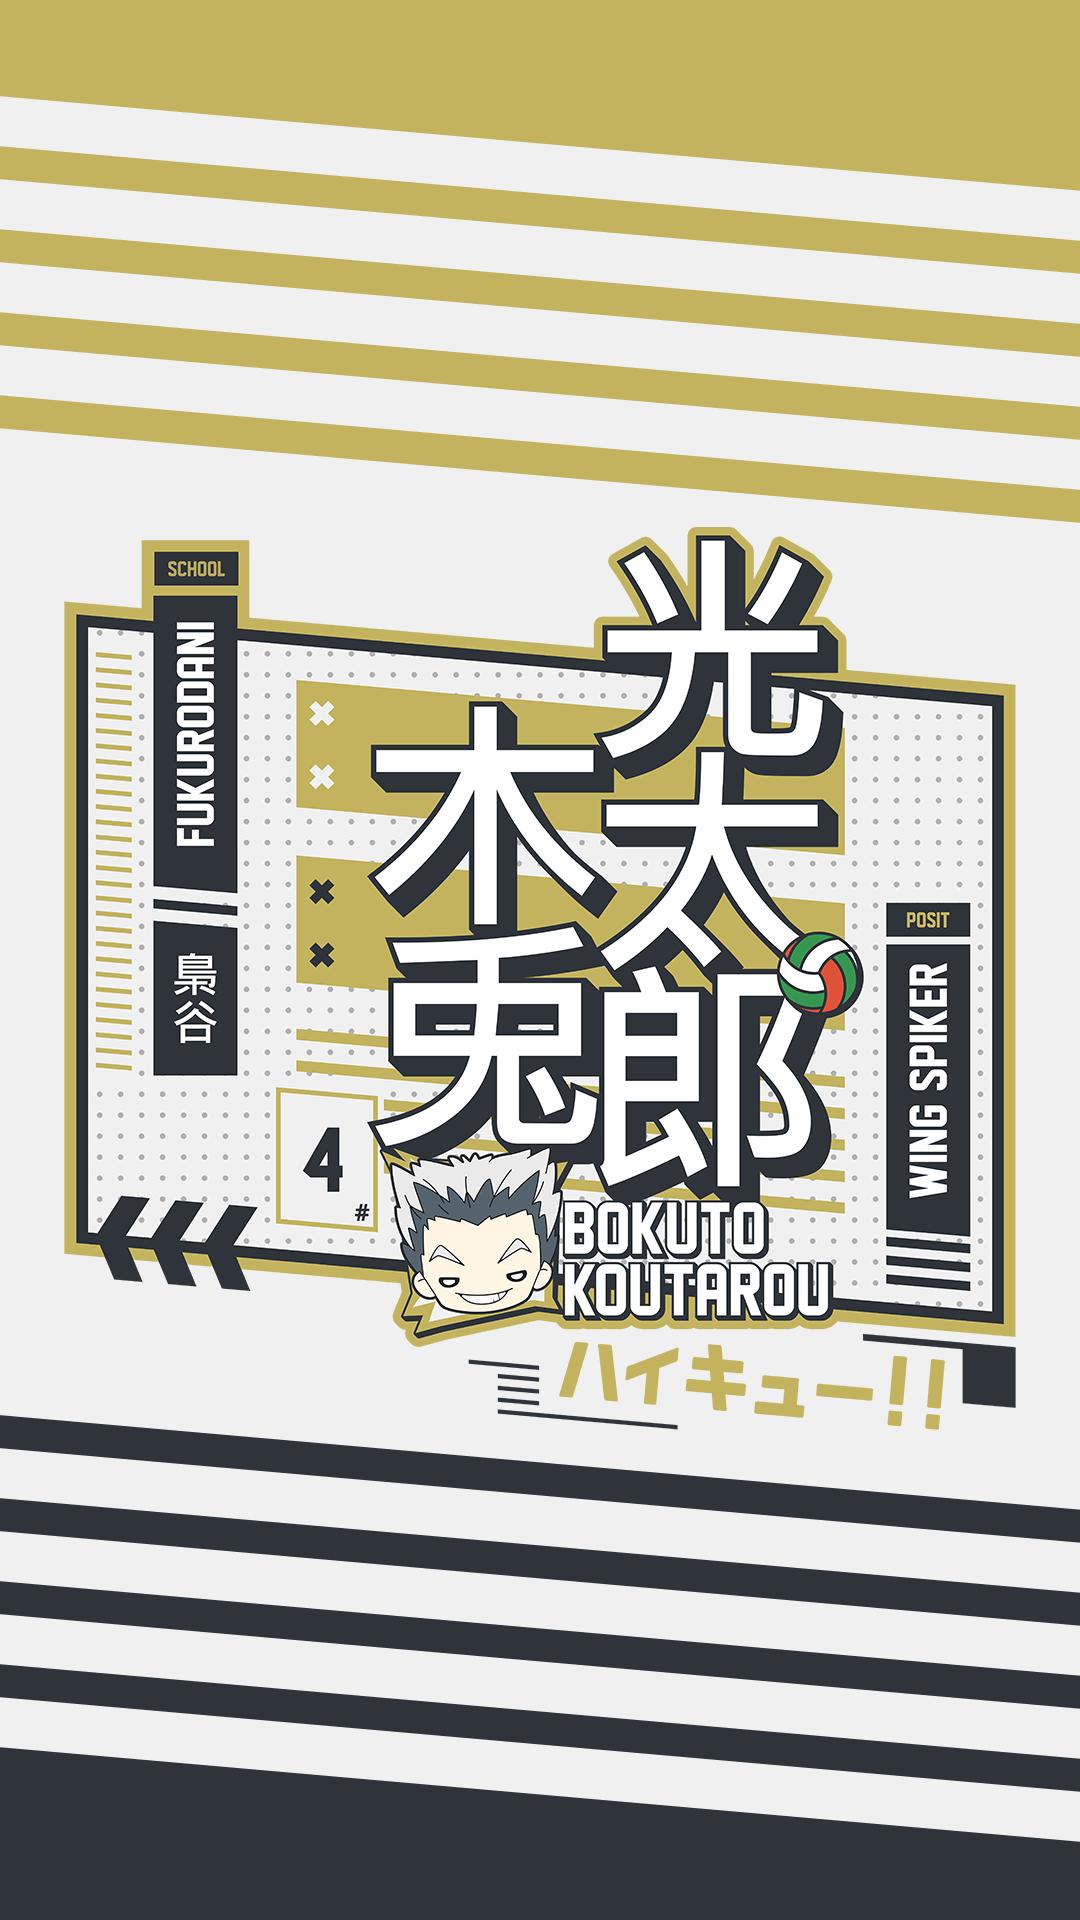 Bokuto Koutarou Wallpaper Fukurodani In 2020 Haikyuu Wallpaper Bokuto Koutarou Haikyuu Anime